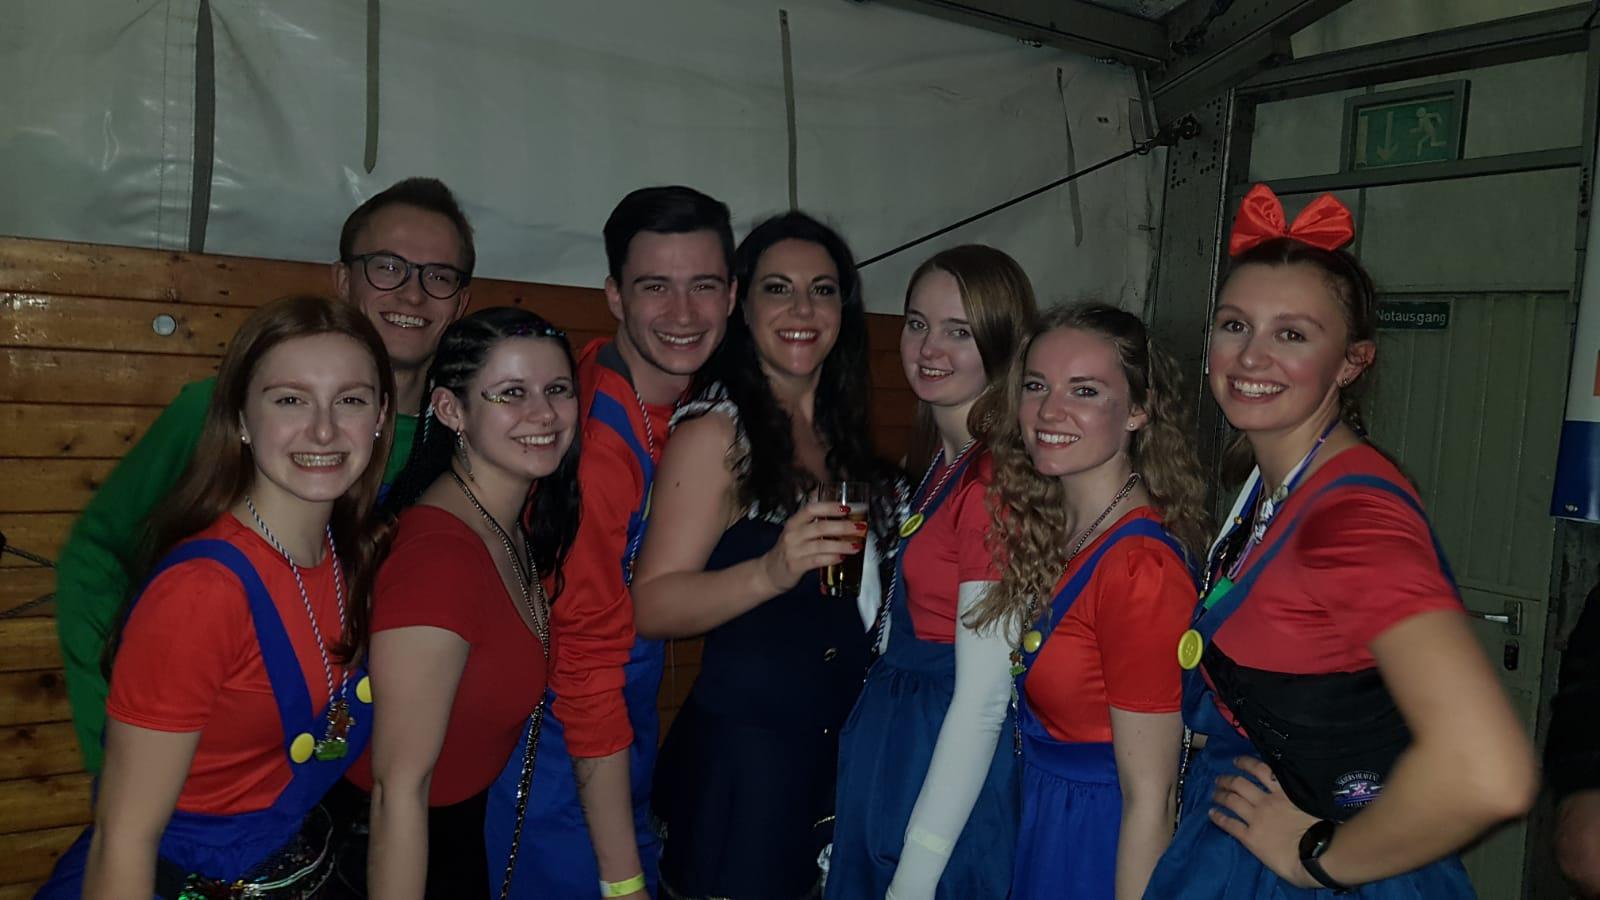 Warendorfer Karnevalsnacht